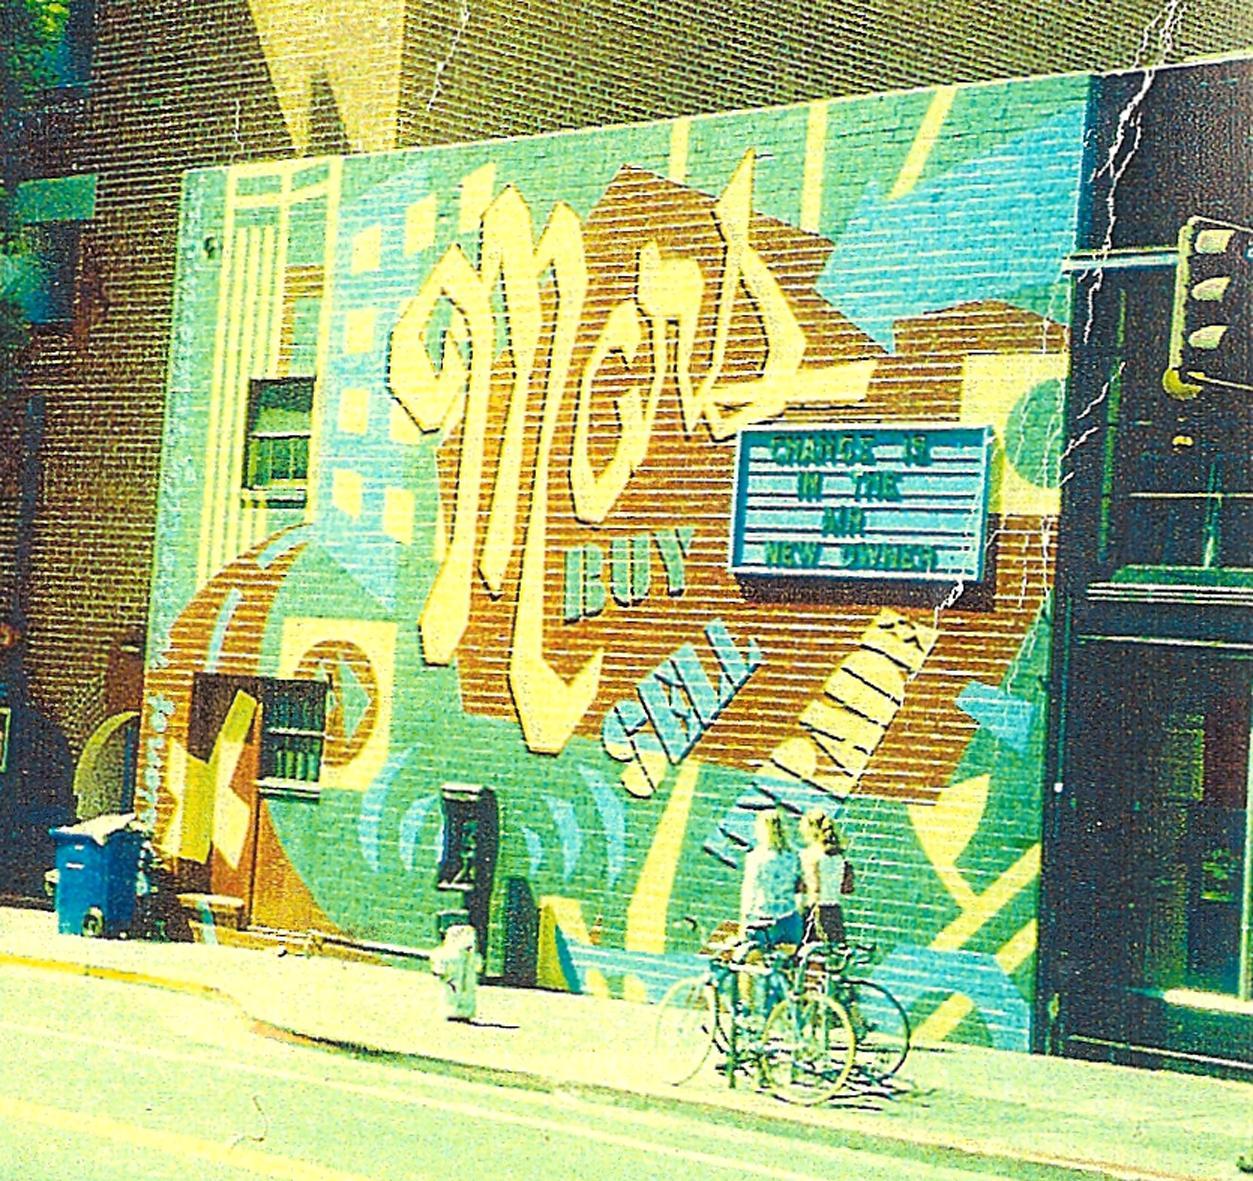 ORIG-old-mars-wall_4111151147_o.jpg